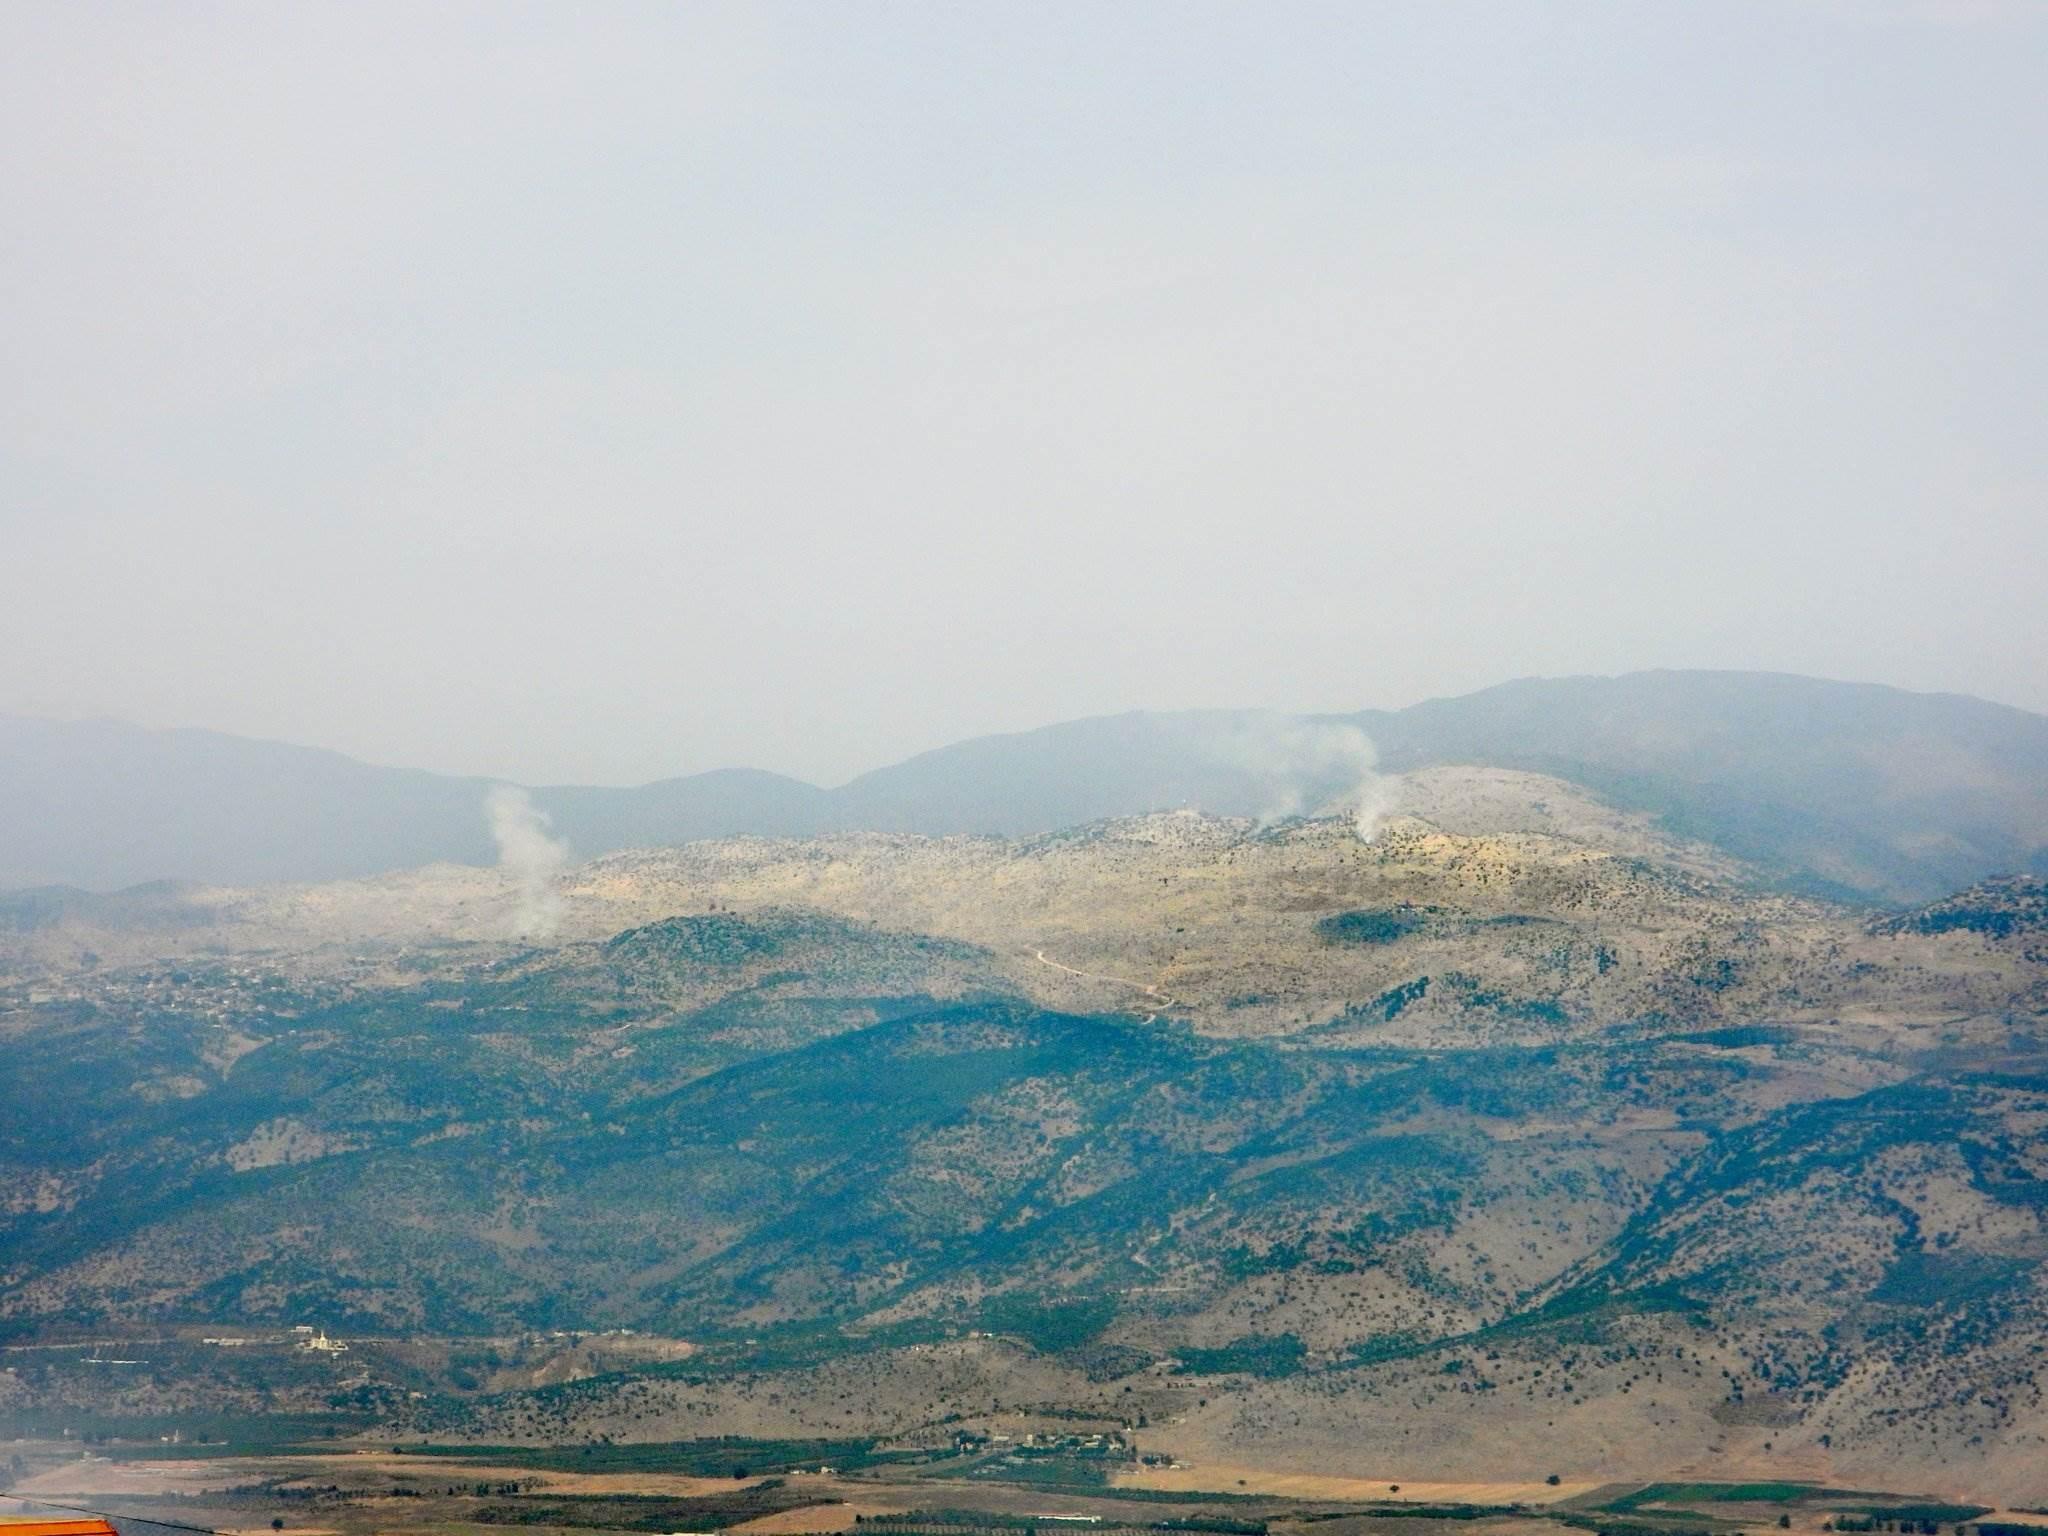 وسائل إعلام إسرائيلية تتحدث عن وقوع حدث أمني في مزارع شبعا اللبنانية المحتلة